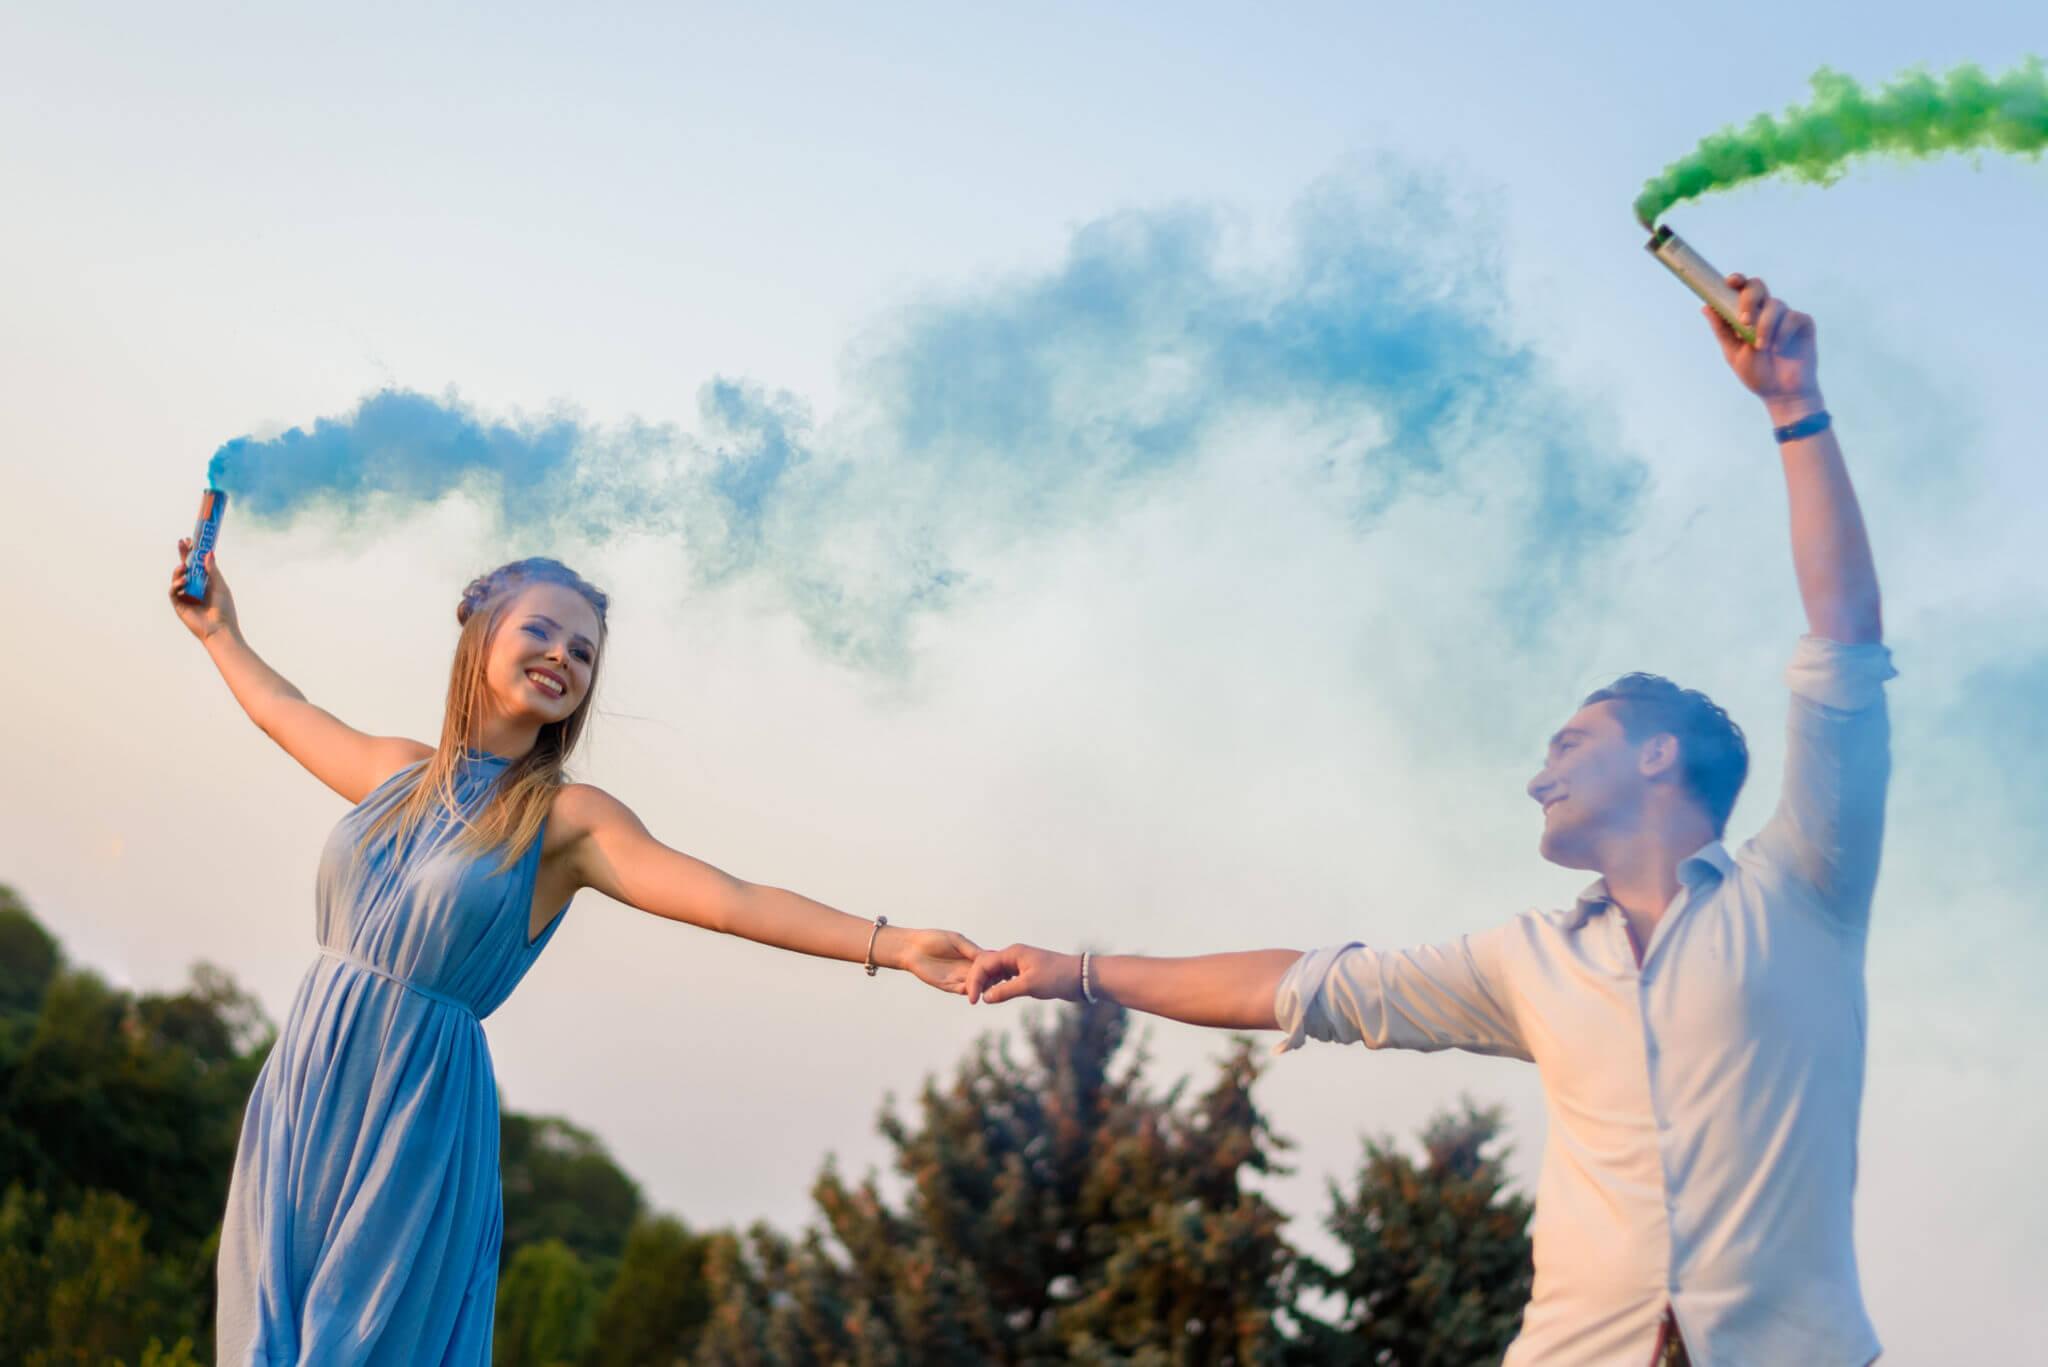 Фотосессия с дымовыми шашками, ph Постникова, Love Story, локация Родина-Мать, зеленый и синий дымы